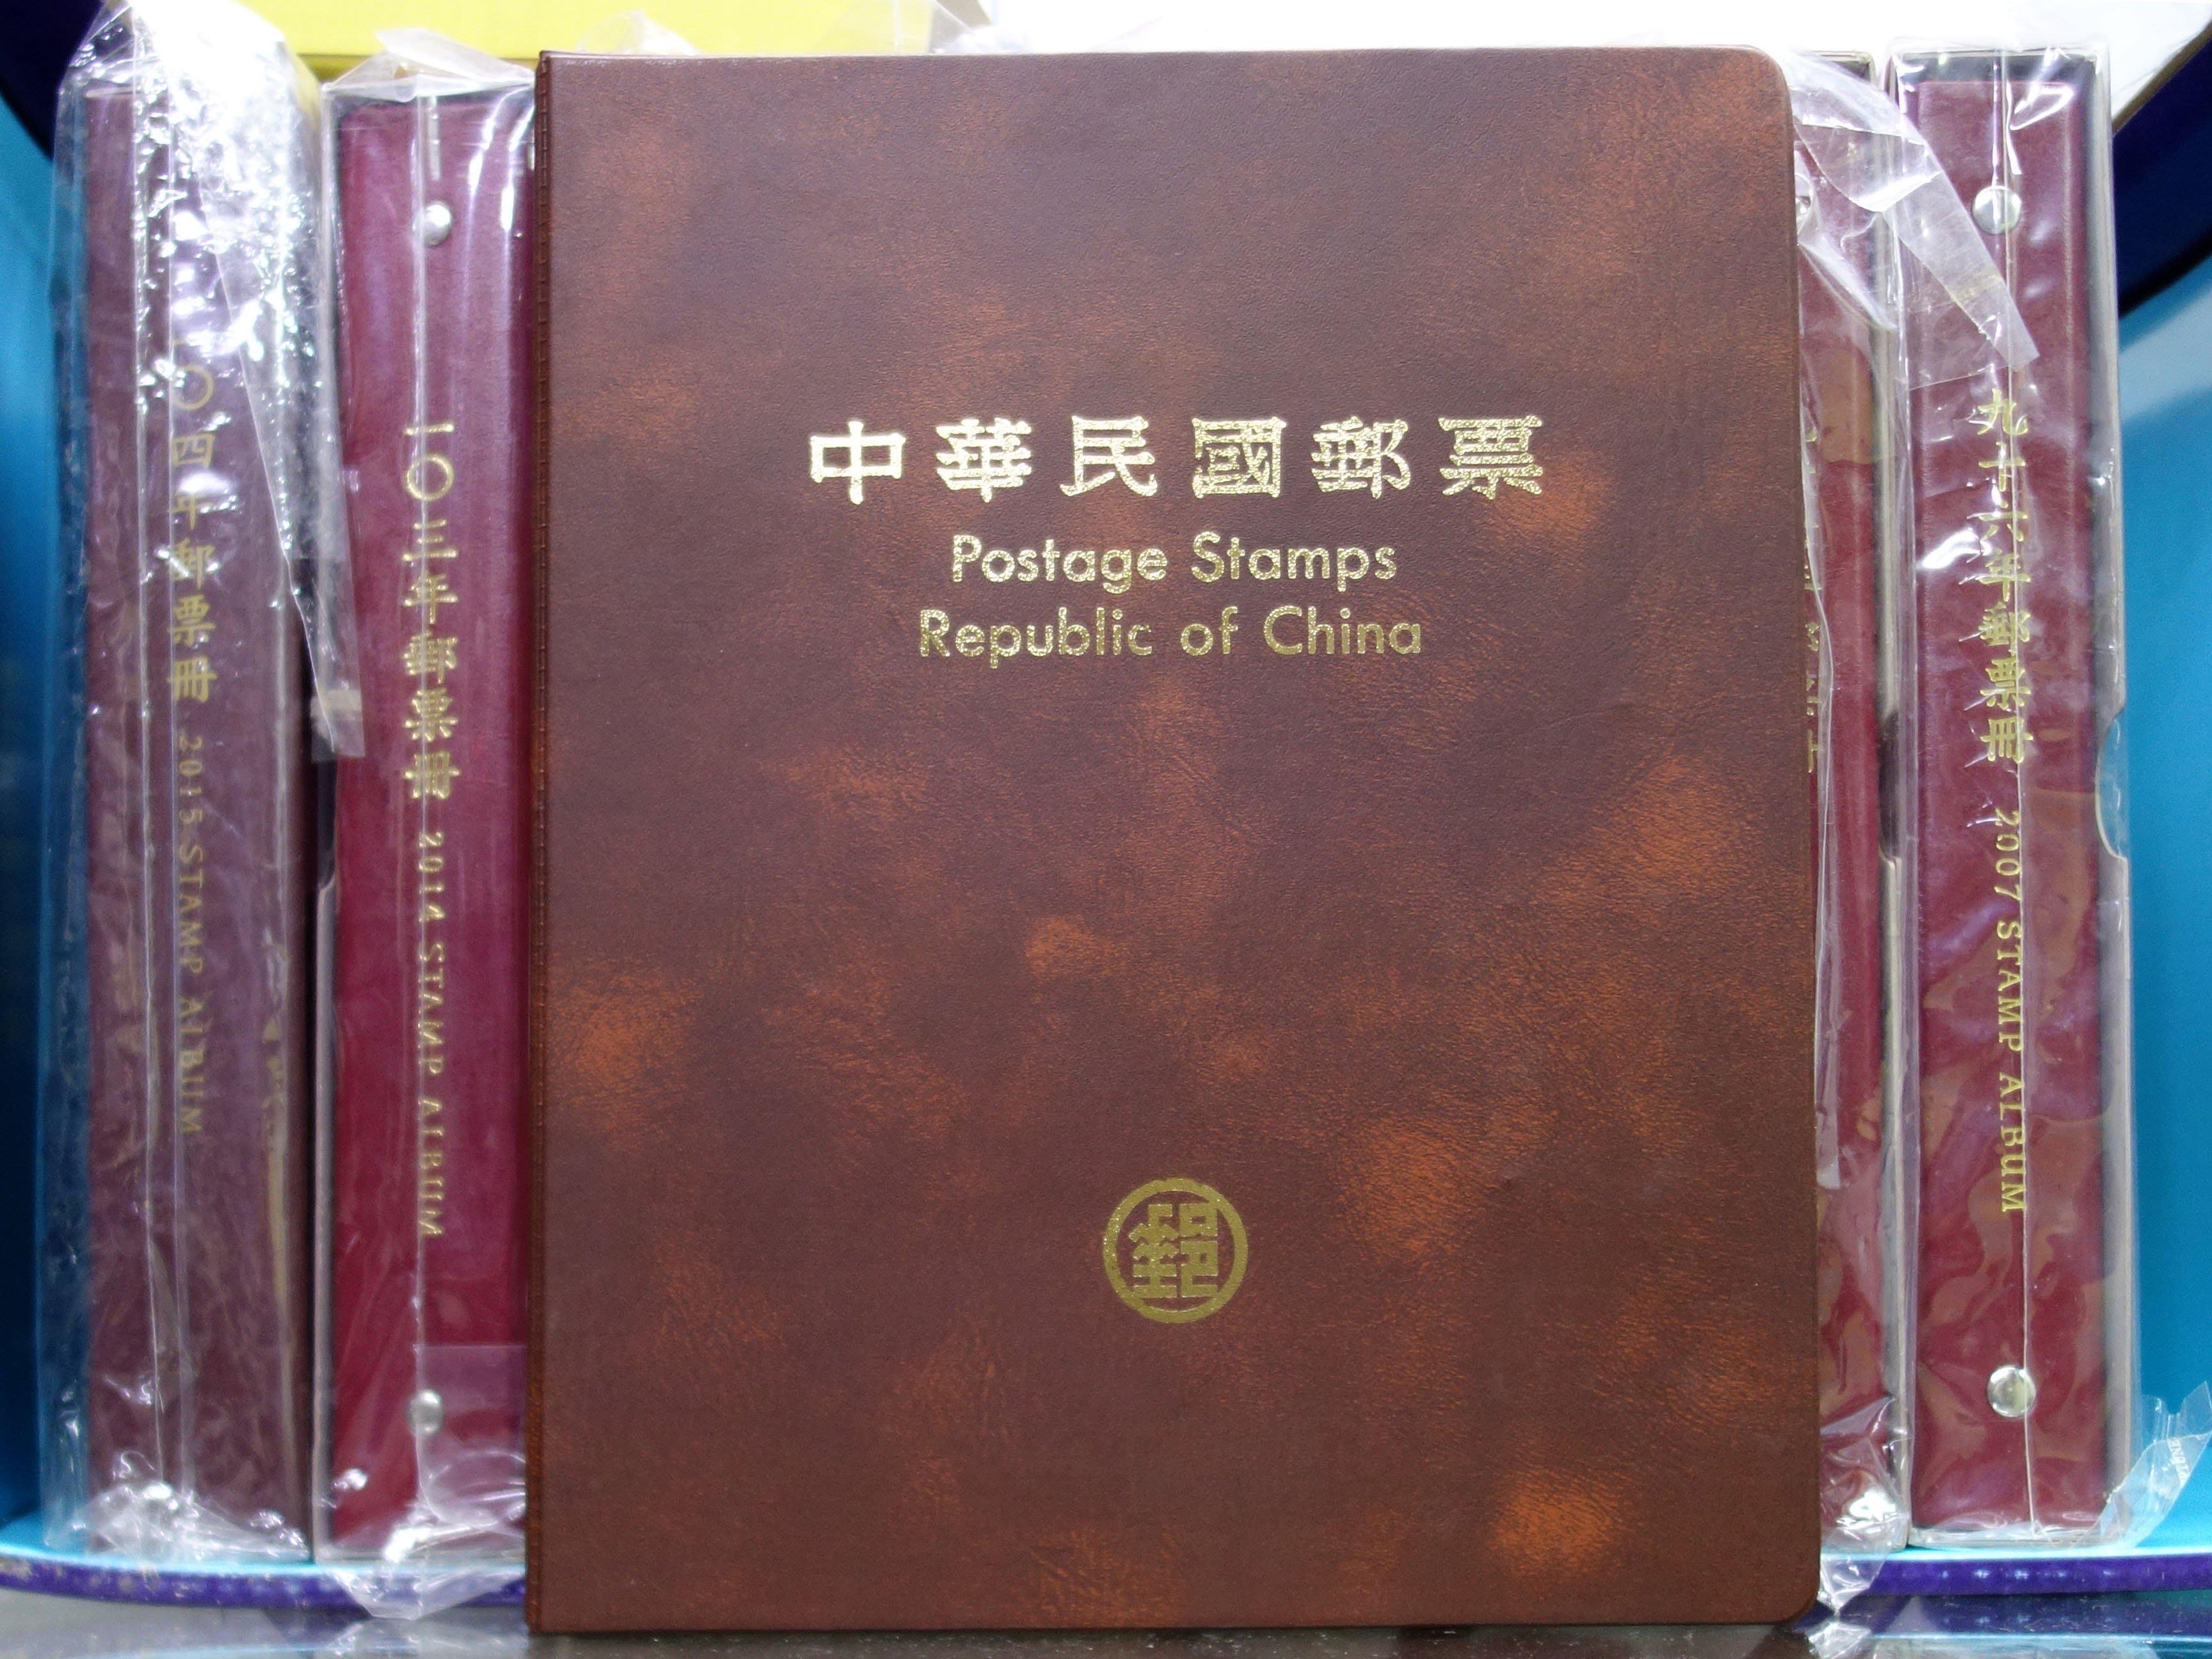 中華民國郵票冊 (單冊價)